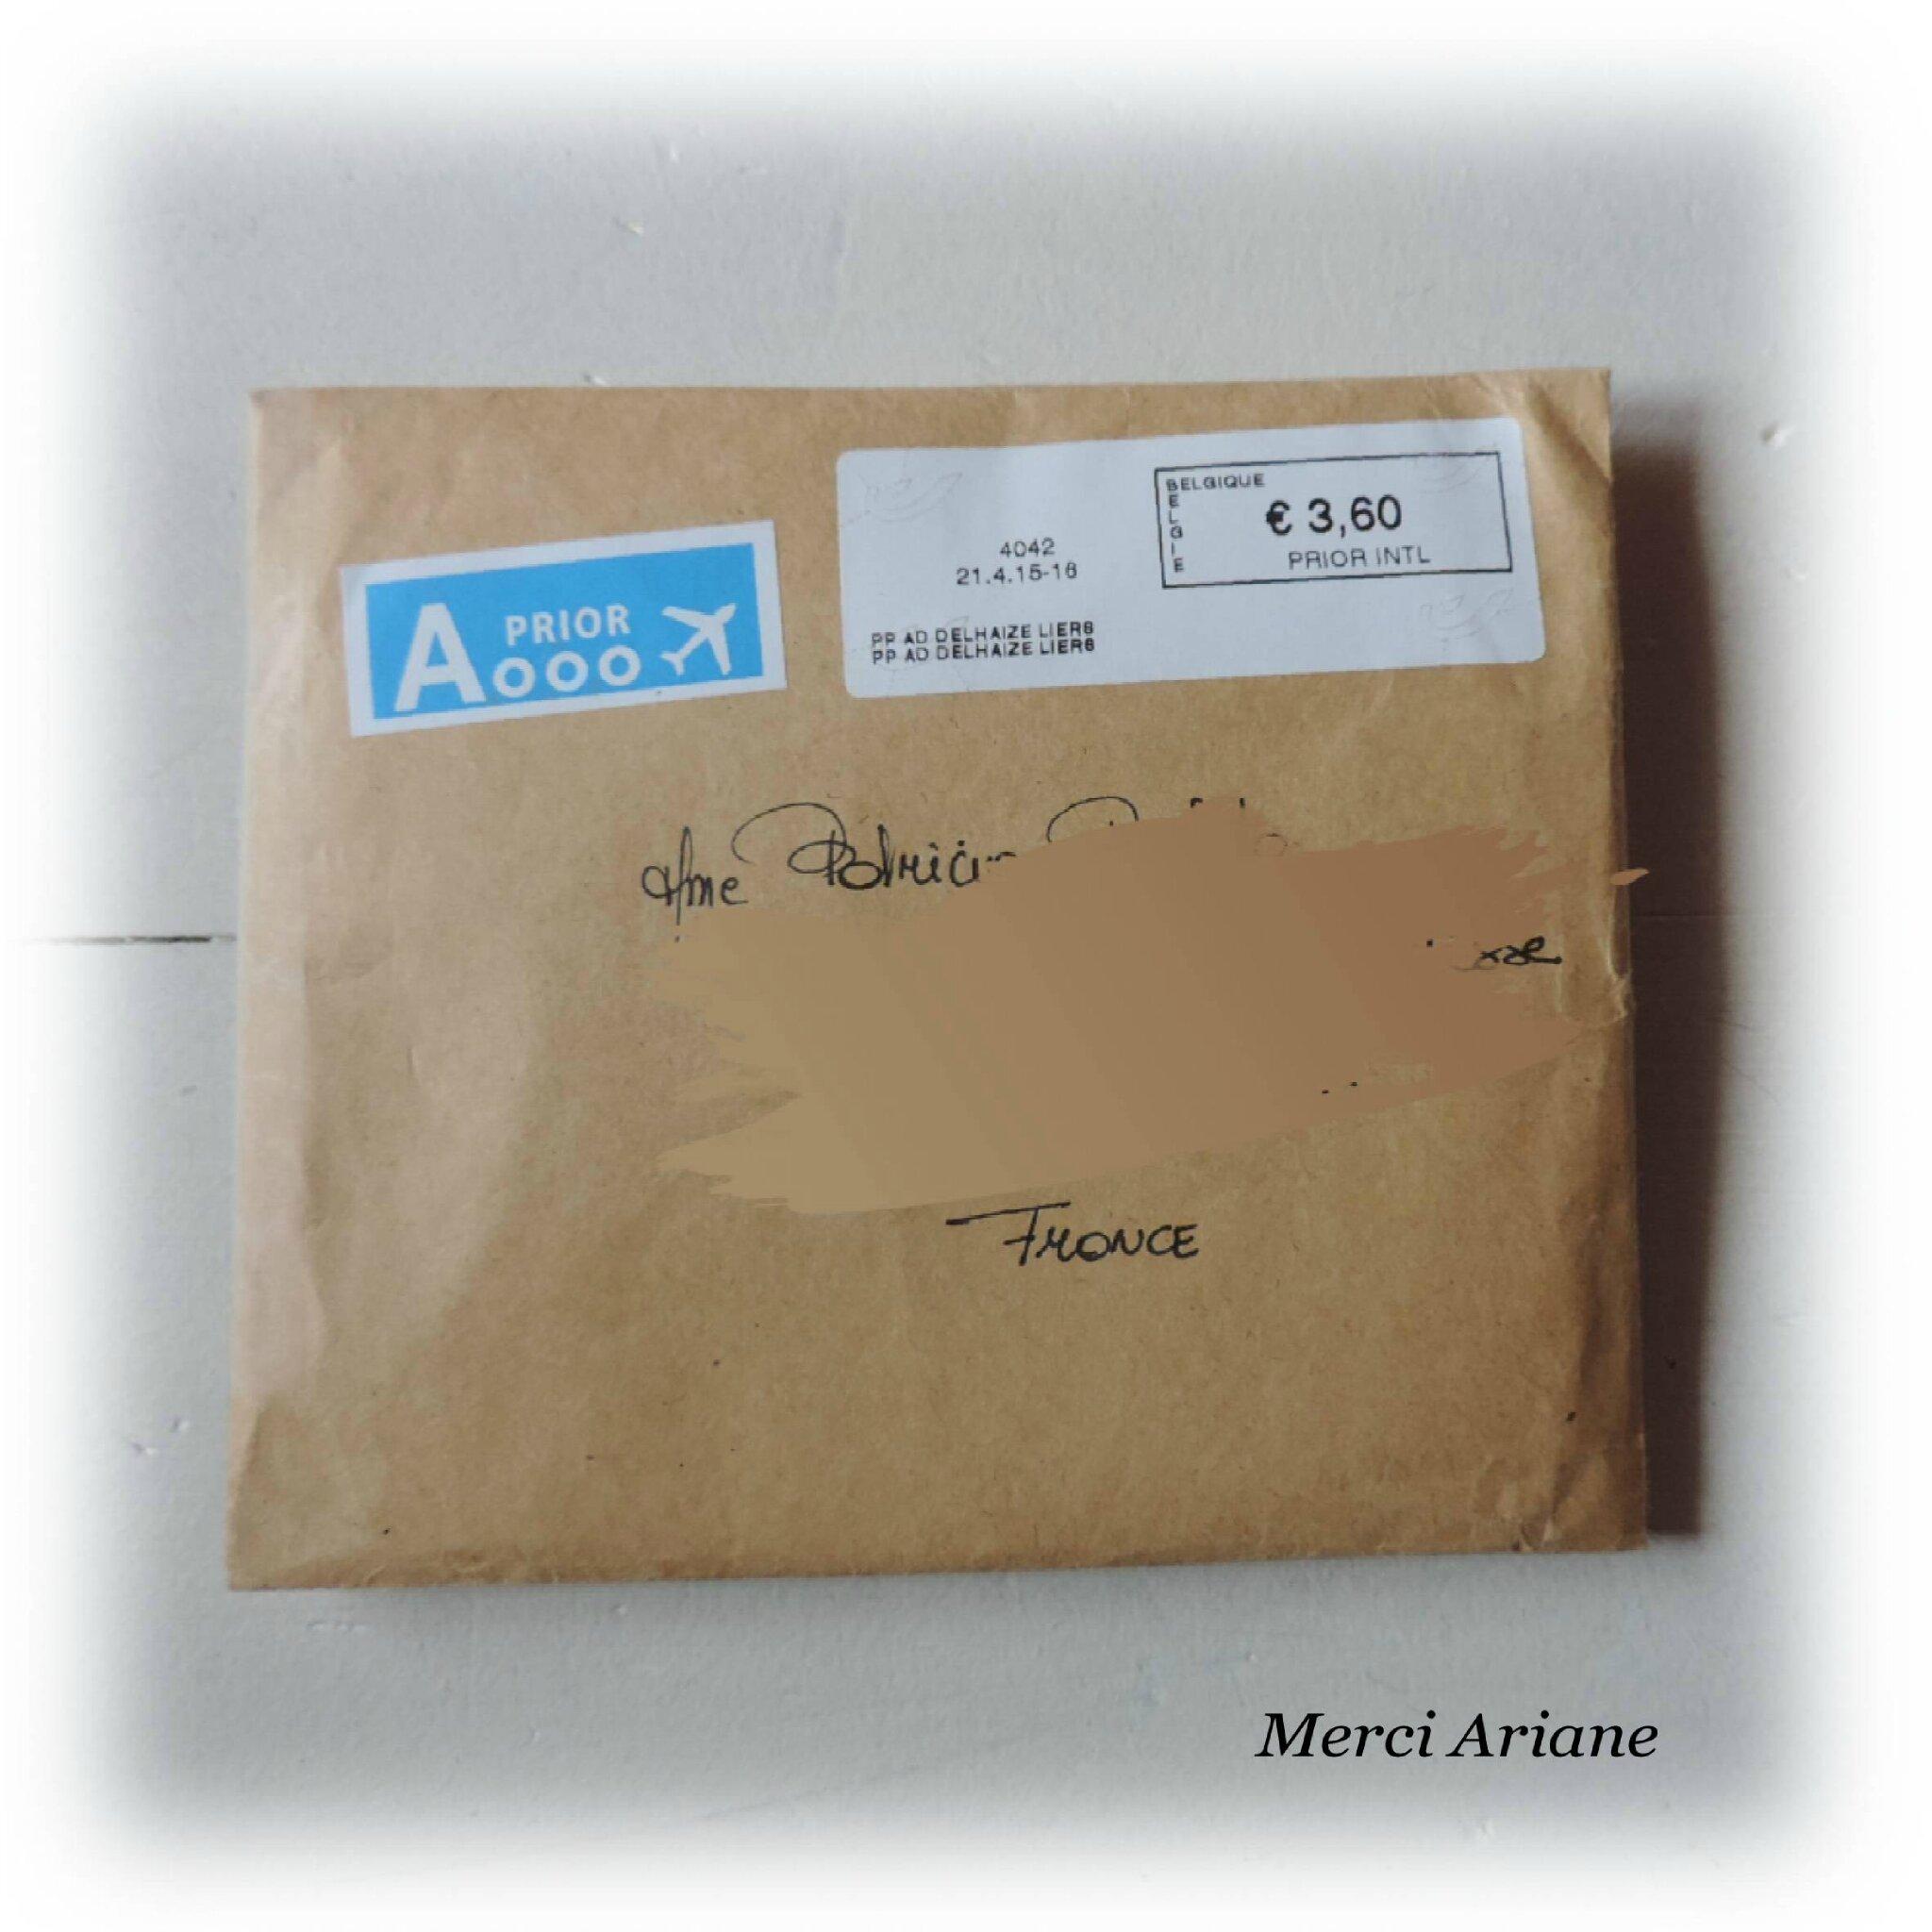 Reçu d'Ariane, format spécial de l'enveloppe, d'où une Grande Frayeur !!!